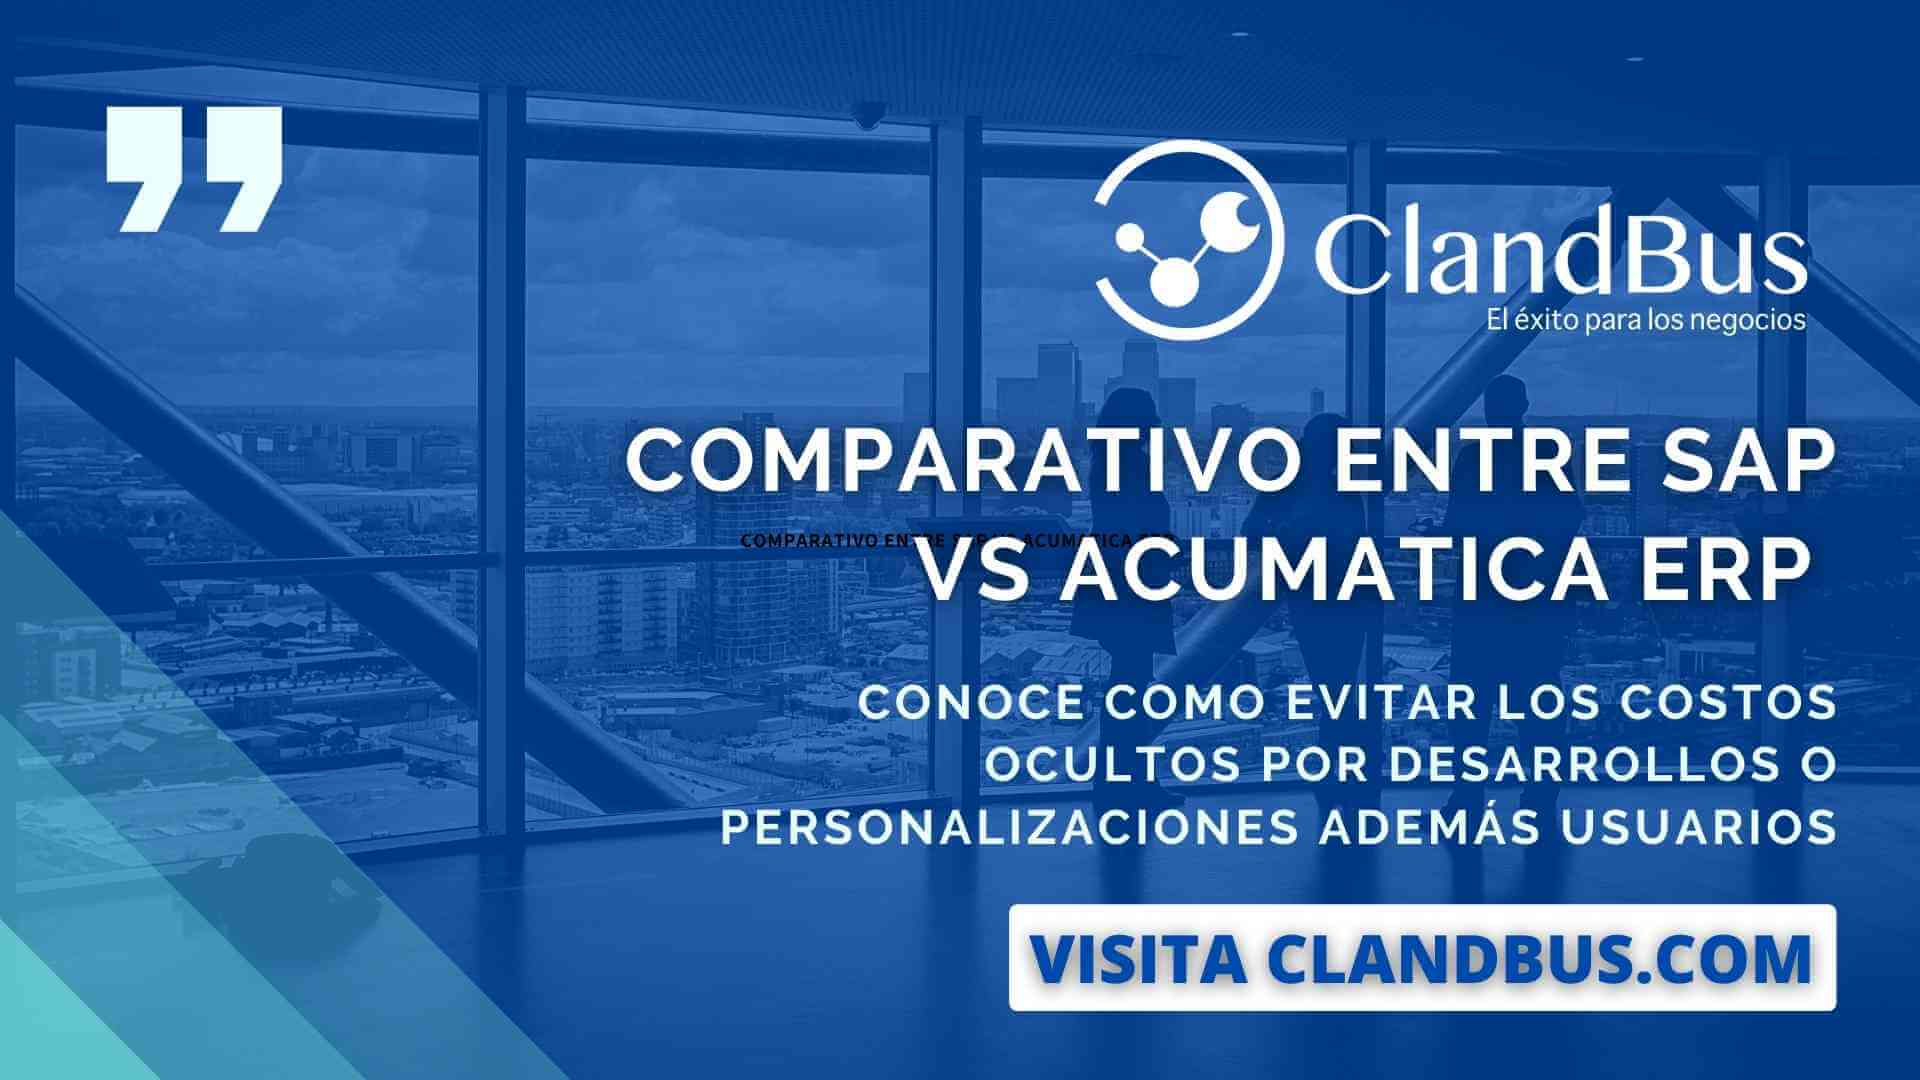 Sap - Elimina costos ocultos en la implementación de tu ERP con ayuda de ClandBus y la mejor herramienta de Acumatica en la Nube